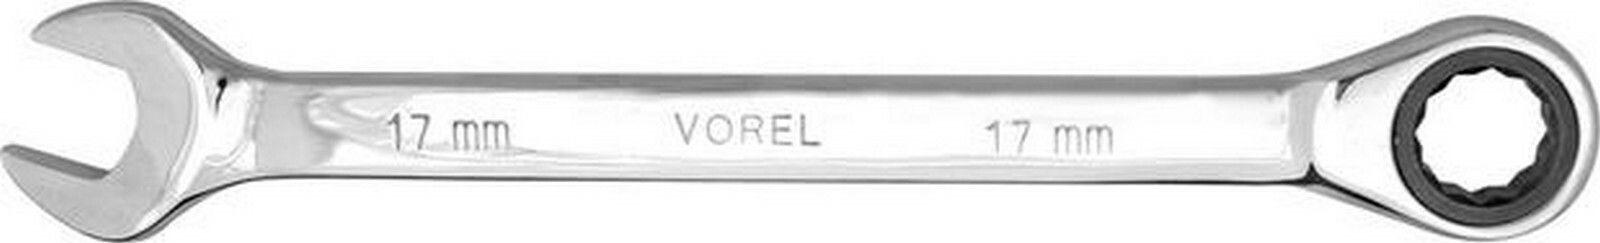 Klíč očkoplochý ráčnový 22 mm CrV TOYA